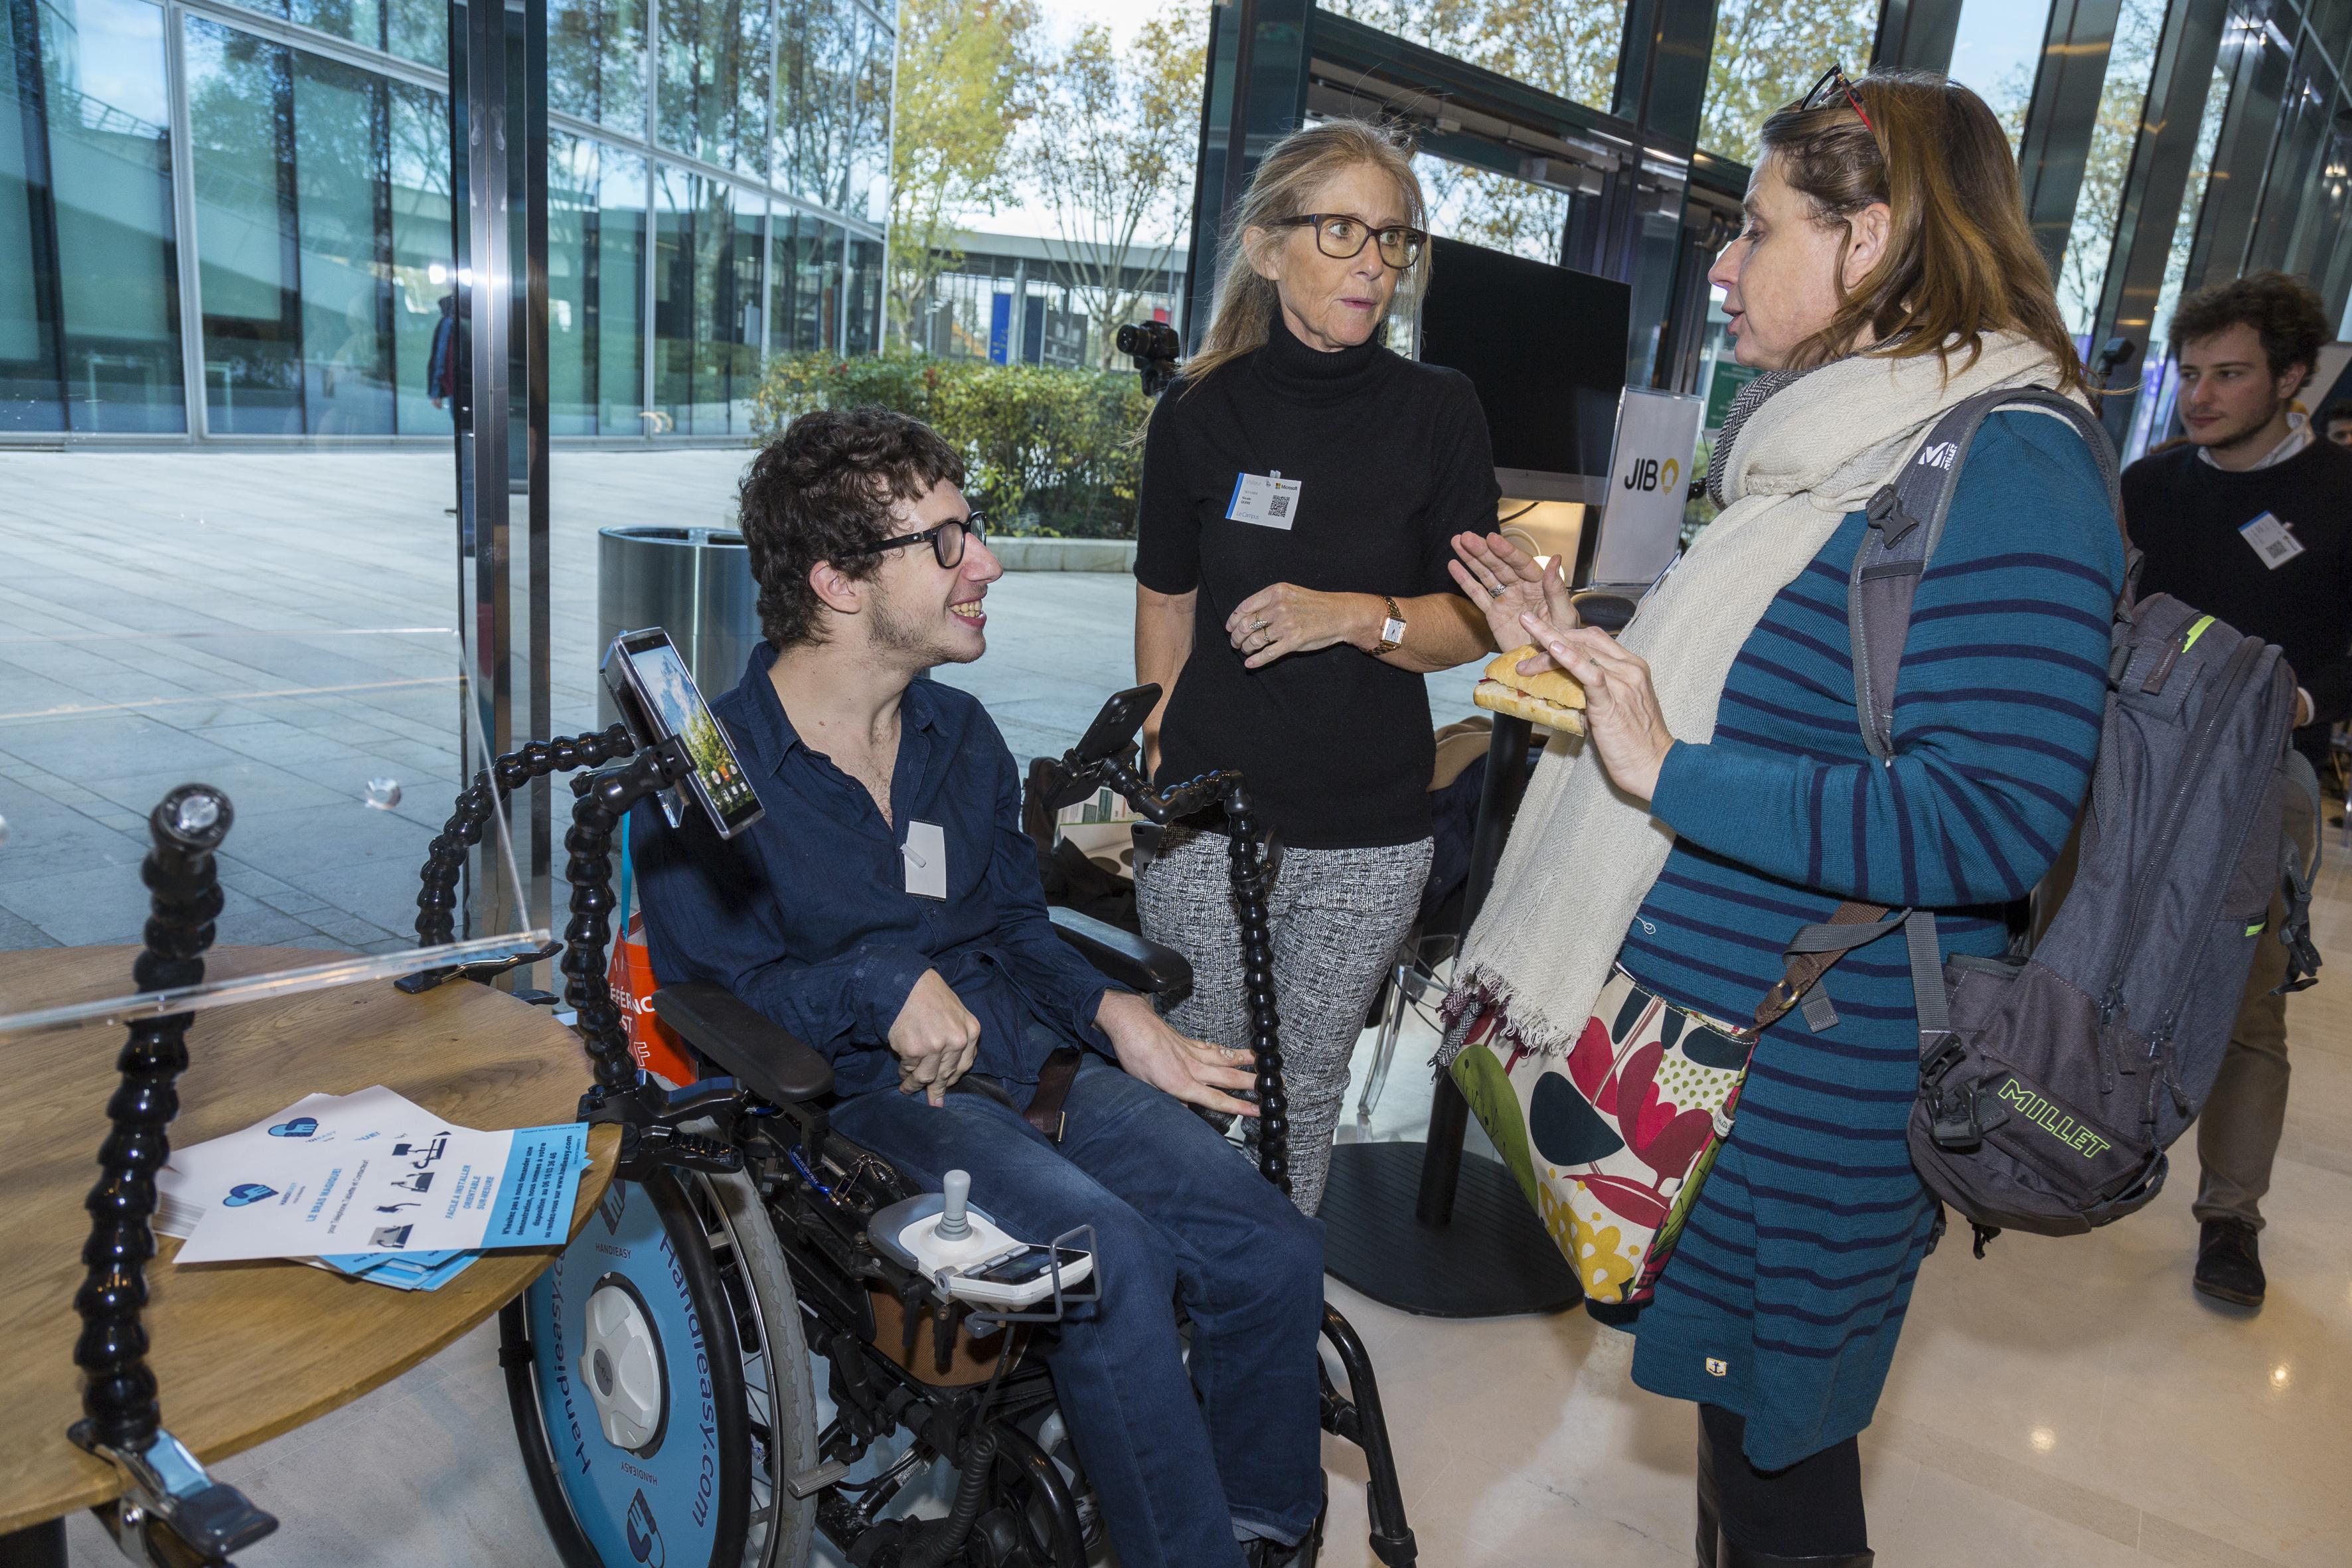 Stand handieasy et son bras de support flexible adapté aux fauteuils roulants